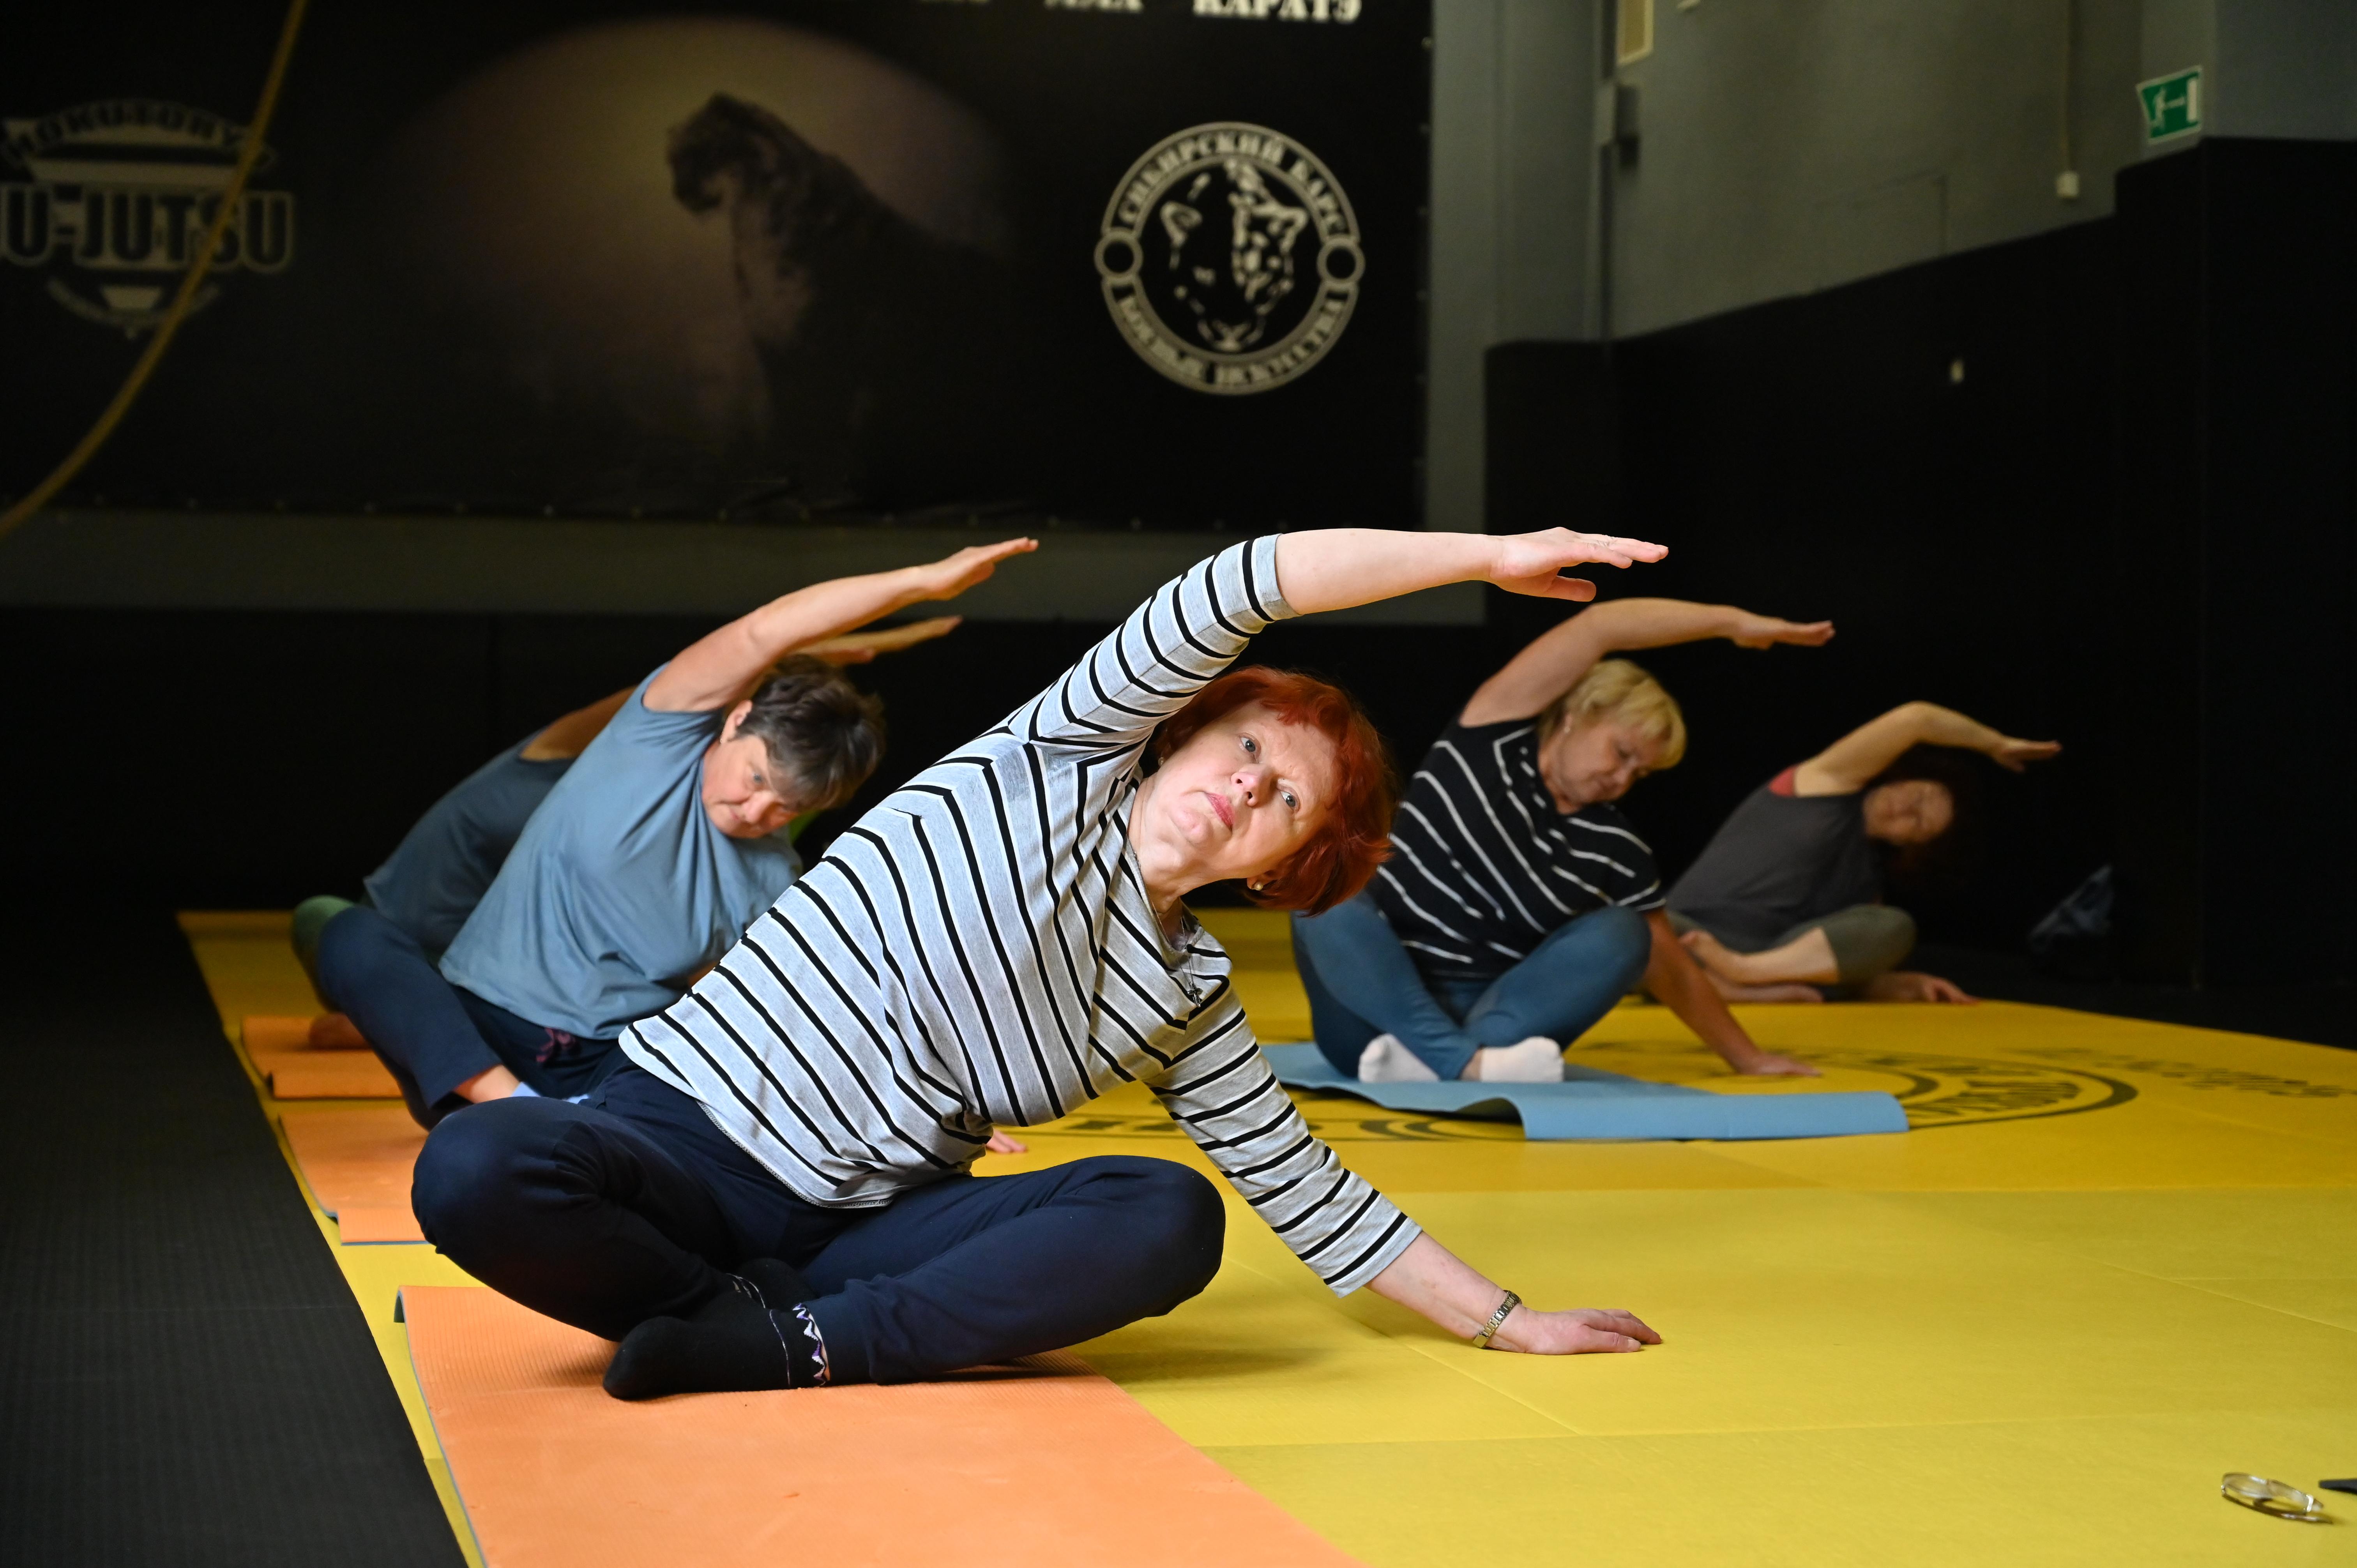 Онлайн-занятие по йоге провели сотрудники «Московского долголетия»